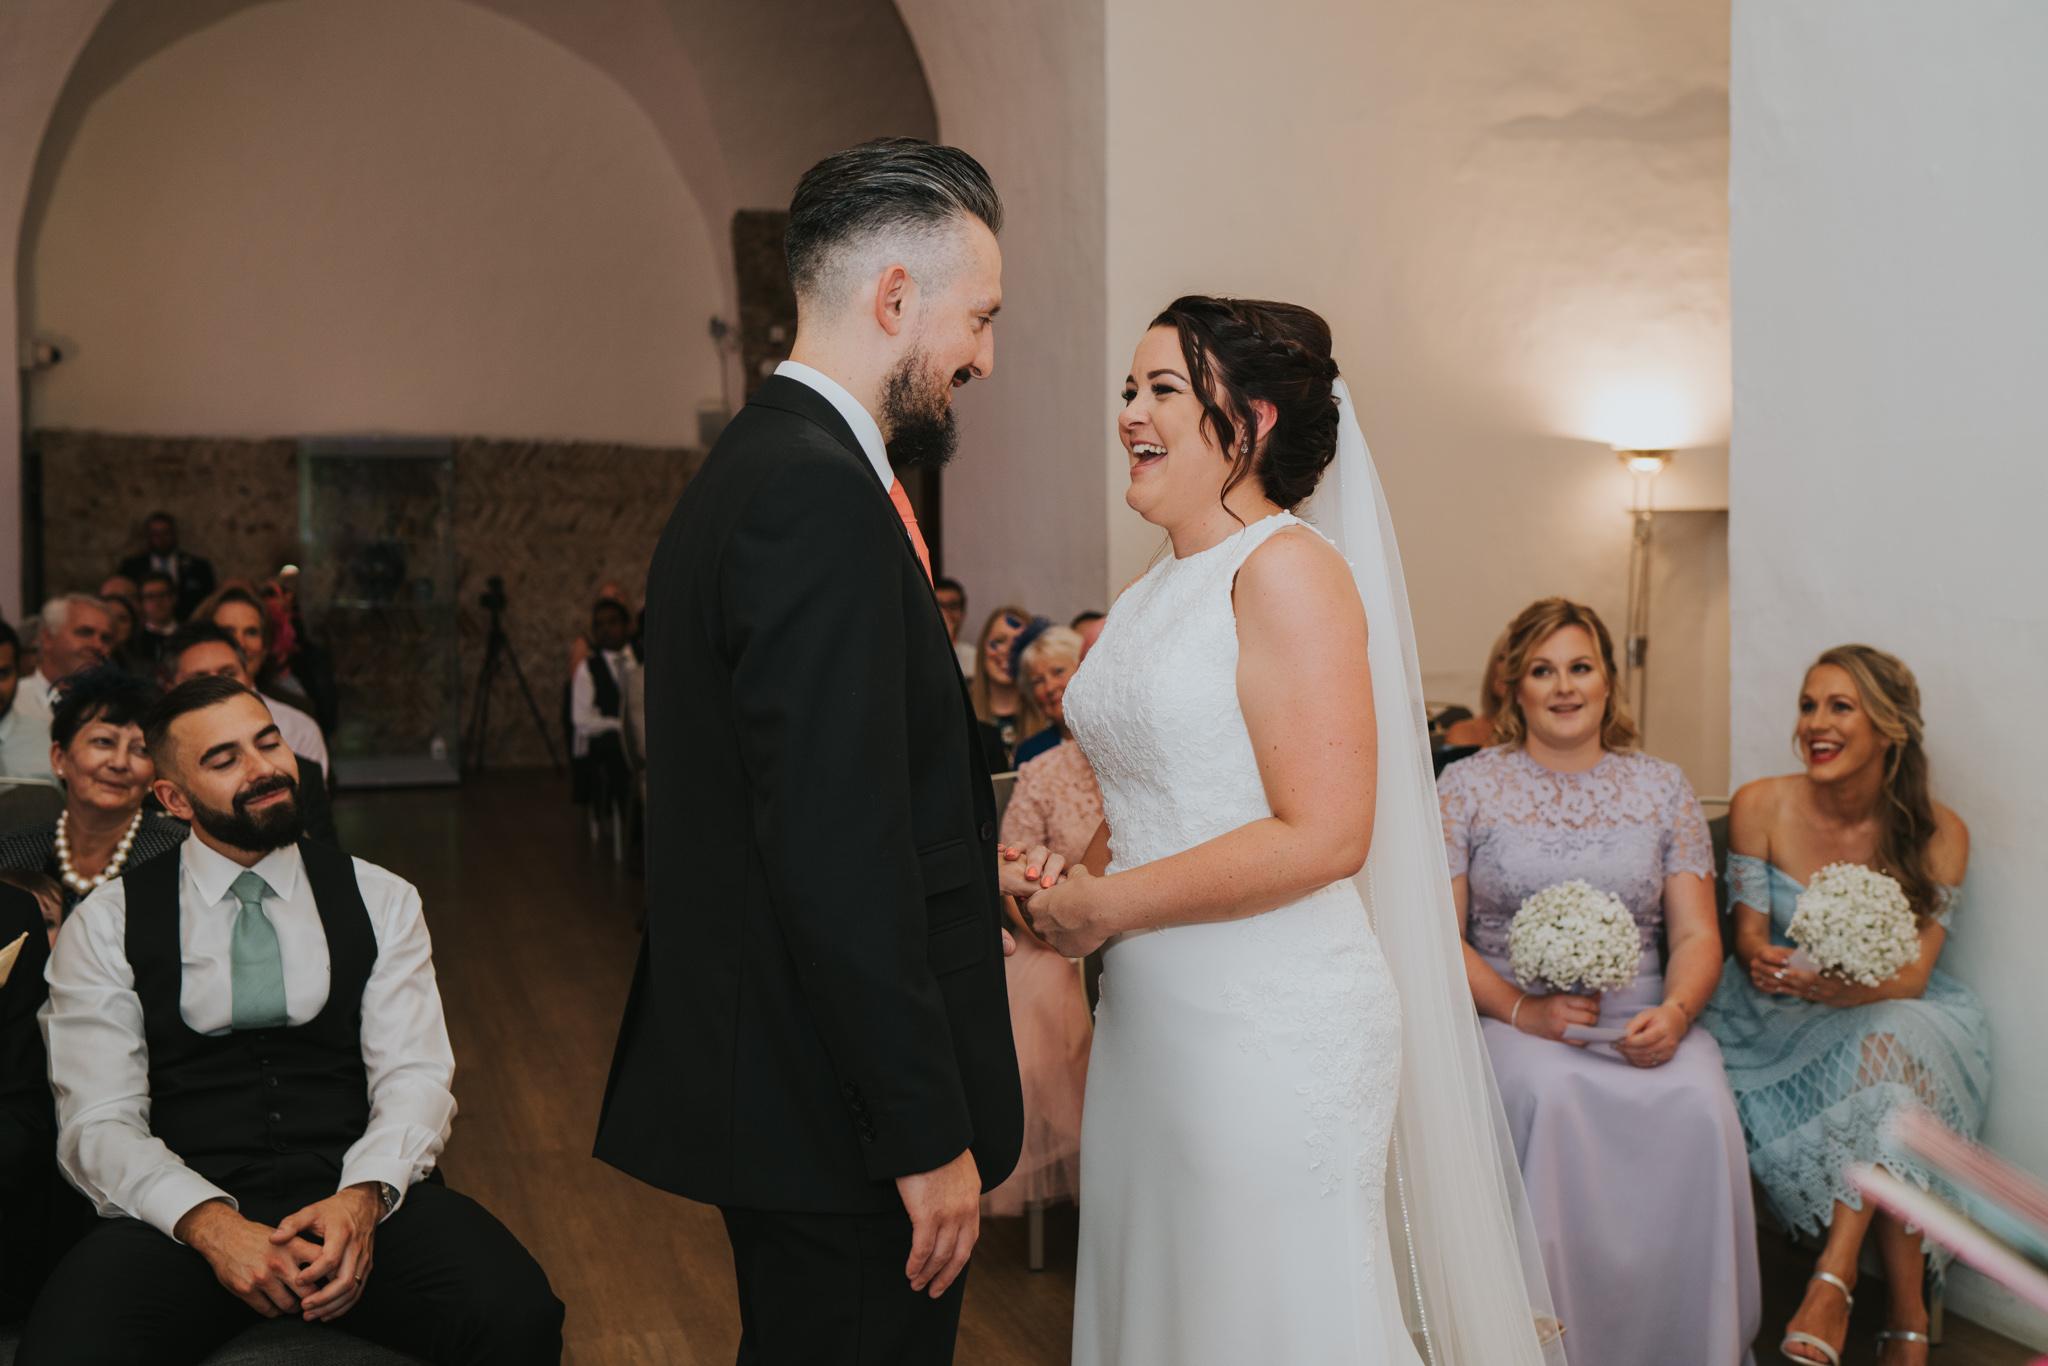 Joe-Tiffany-Colchester-Castle-Wedding-Essex-Grace-Elizabeth-Colchester-Essex-Alternative-Wedding-Photographer-Suffolk-Norfolk-Devon (58 of 122).jpg